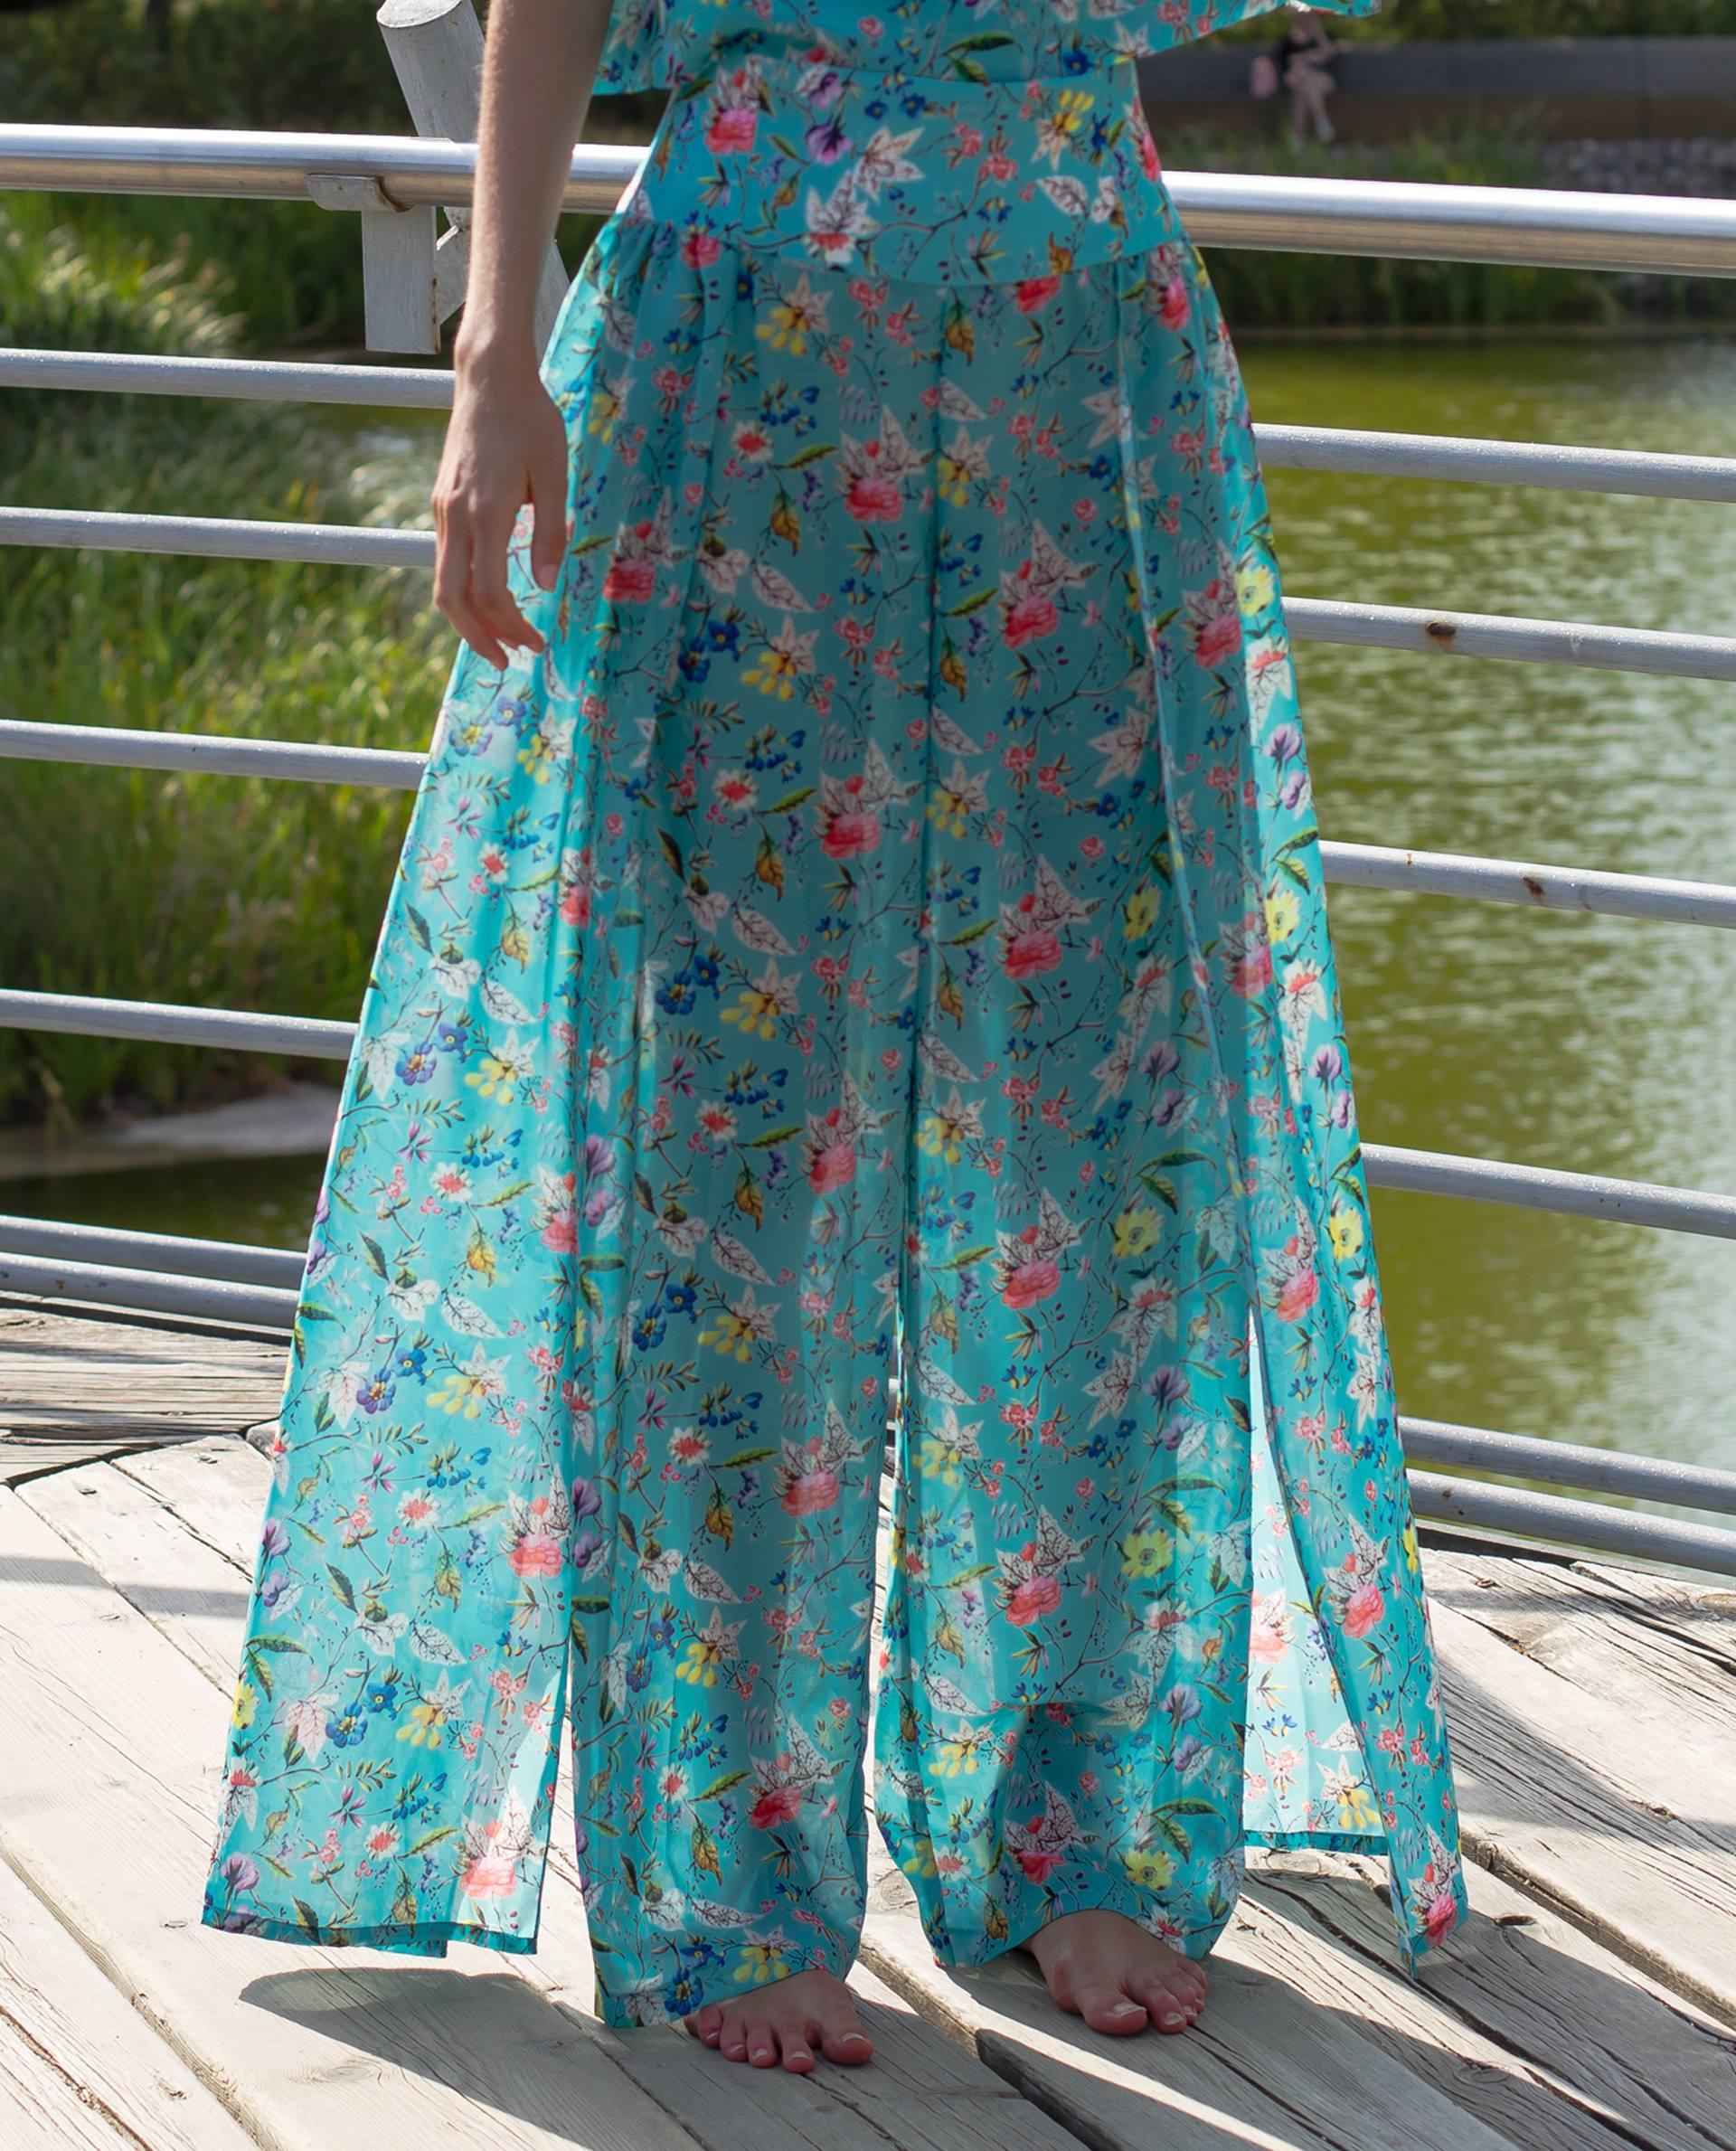 Pantalón ligero y ancho con sobre falda en georgette azul estampado floral